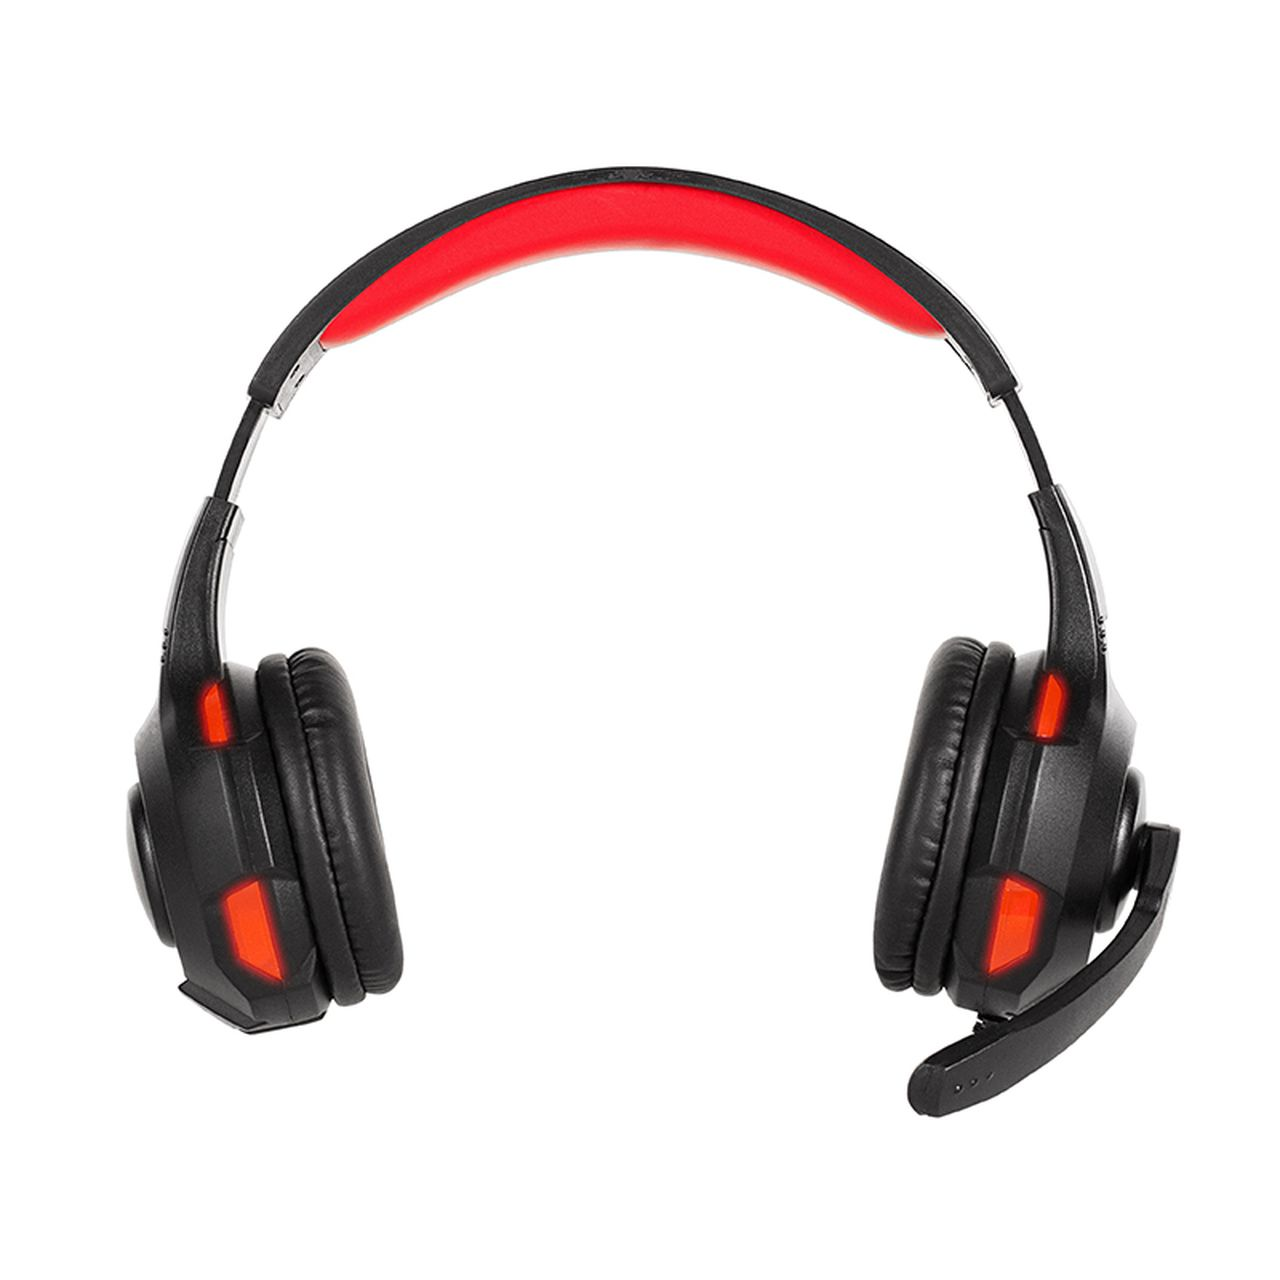 Headset Gamer Fone de Ouvido Com Led Vermelho P2 e Usb 468 Bright  - BRIGHT